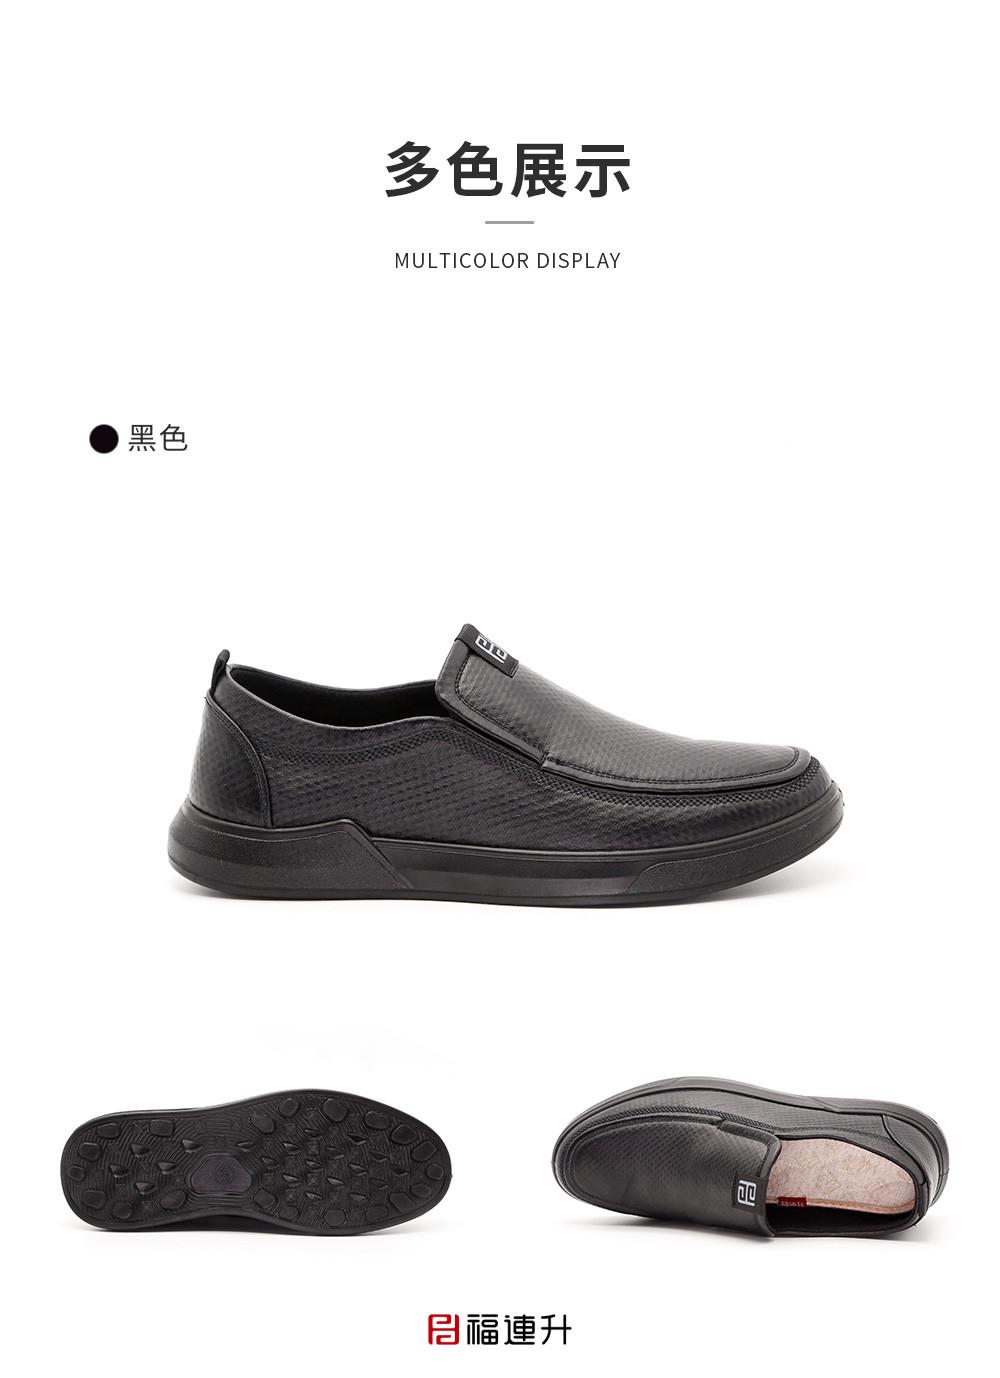 福连升男鞋秋季新款乐福鞋休闲鞋舒适棉麻男鞋驾车鞋图片